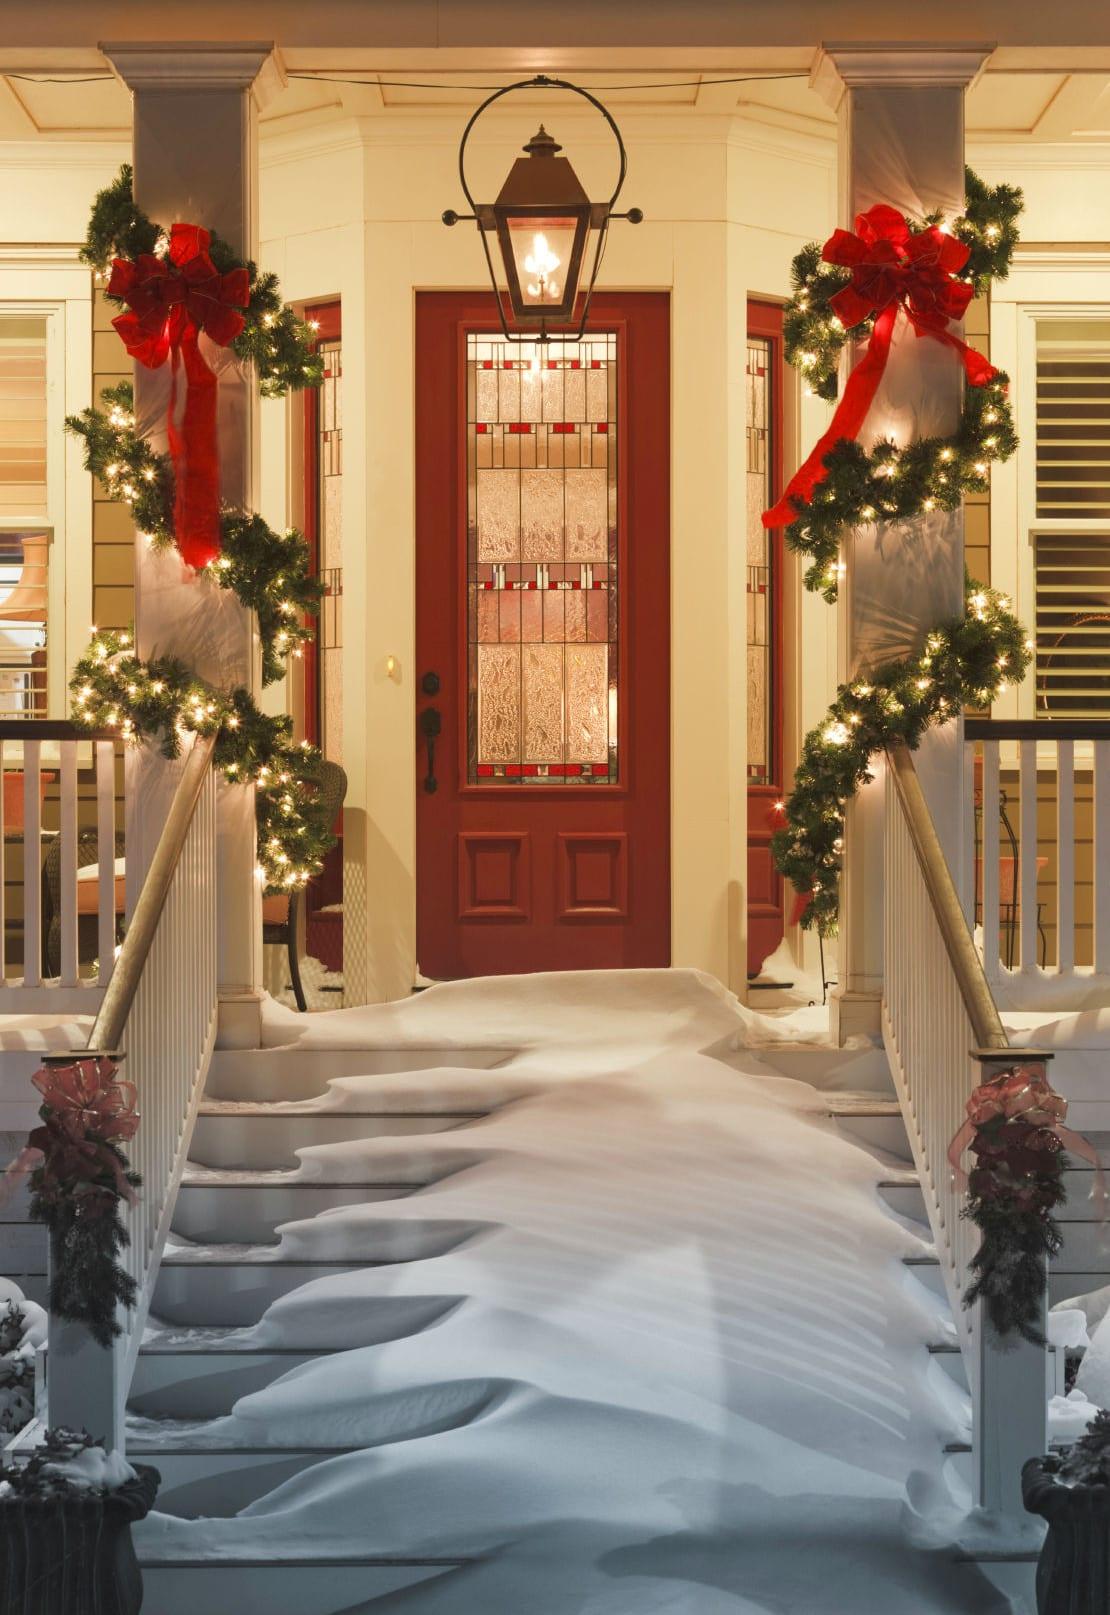 moderne haustüren braun aus holz mit fenster_coole dekoideen zur weihnachtszeit